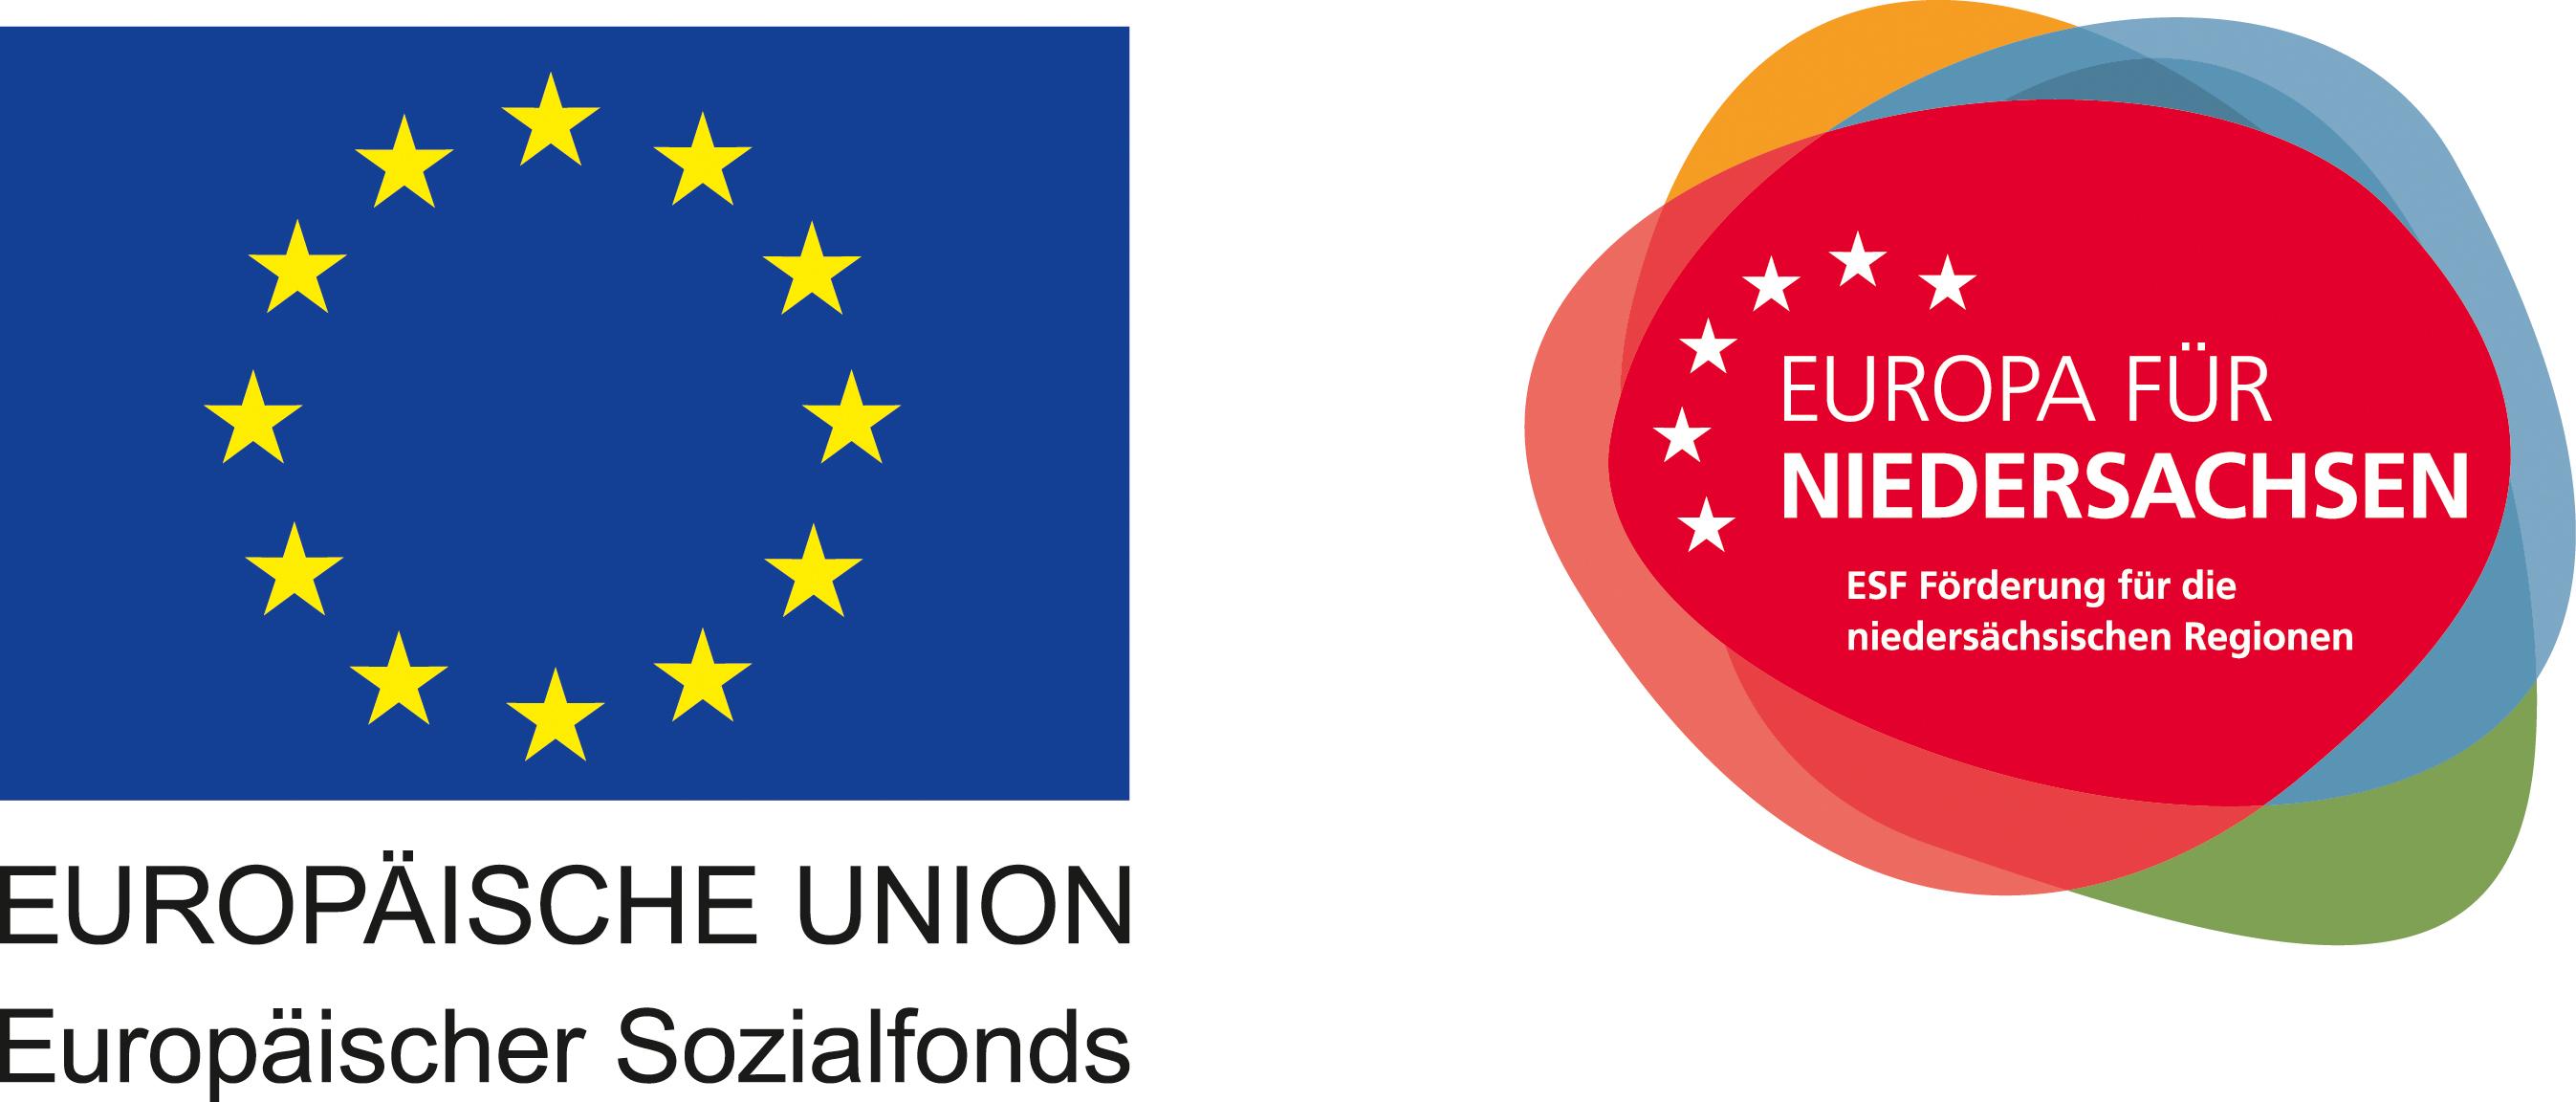 Label Europäischer Sozialfond